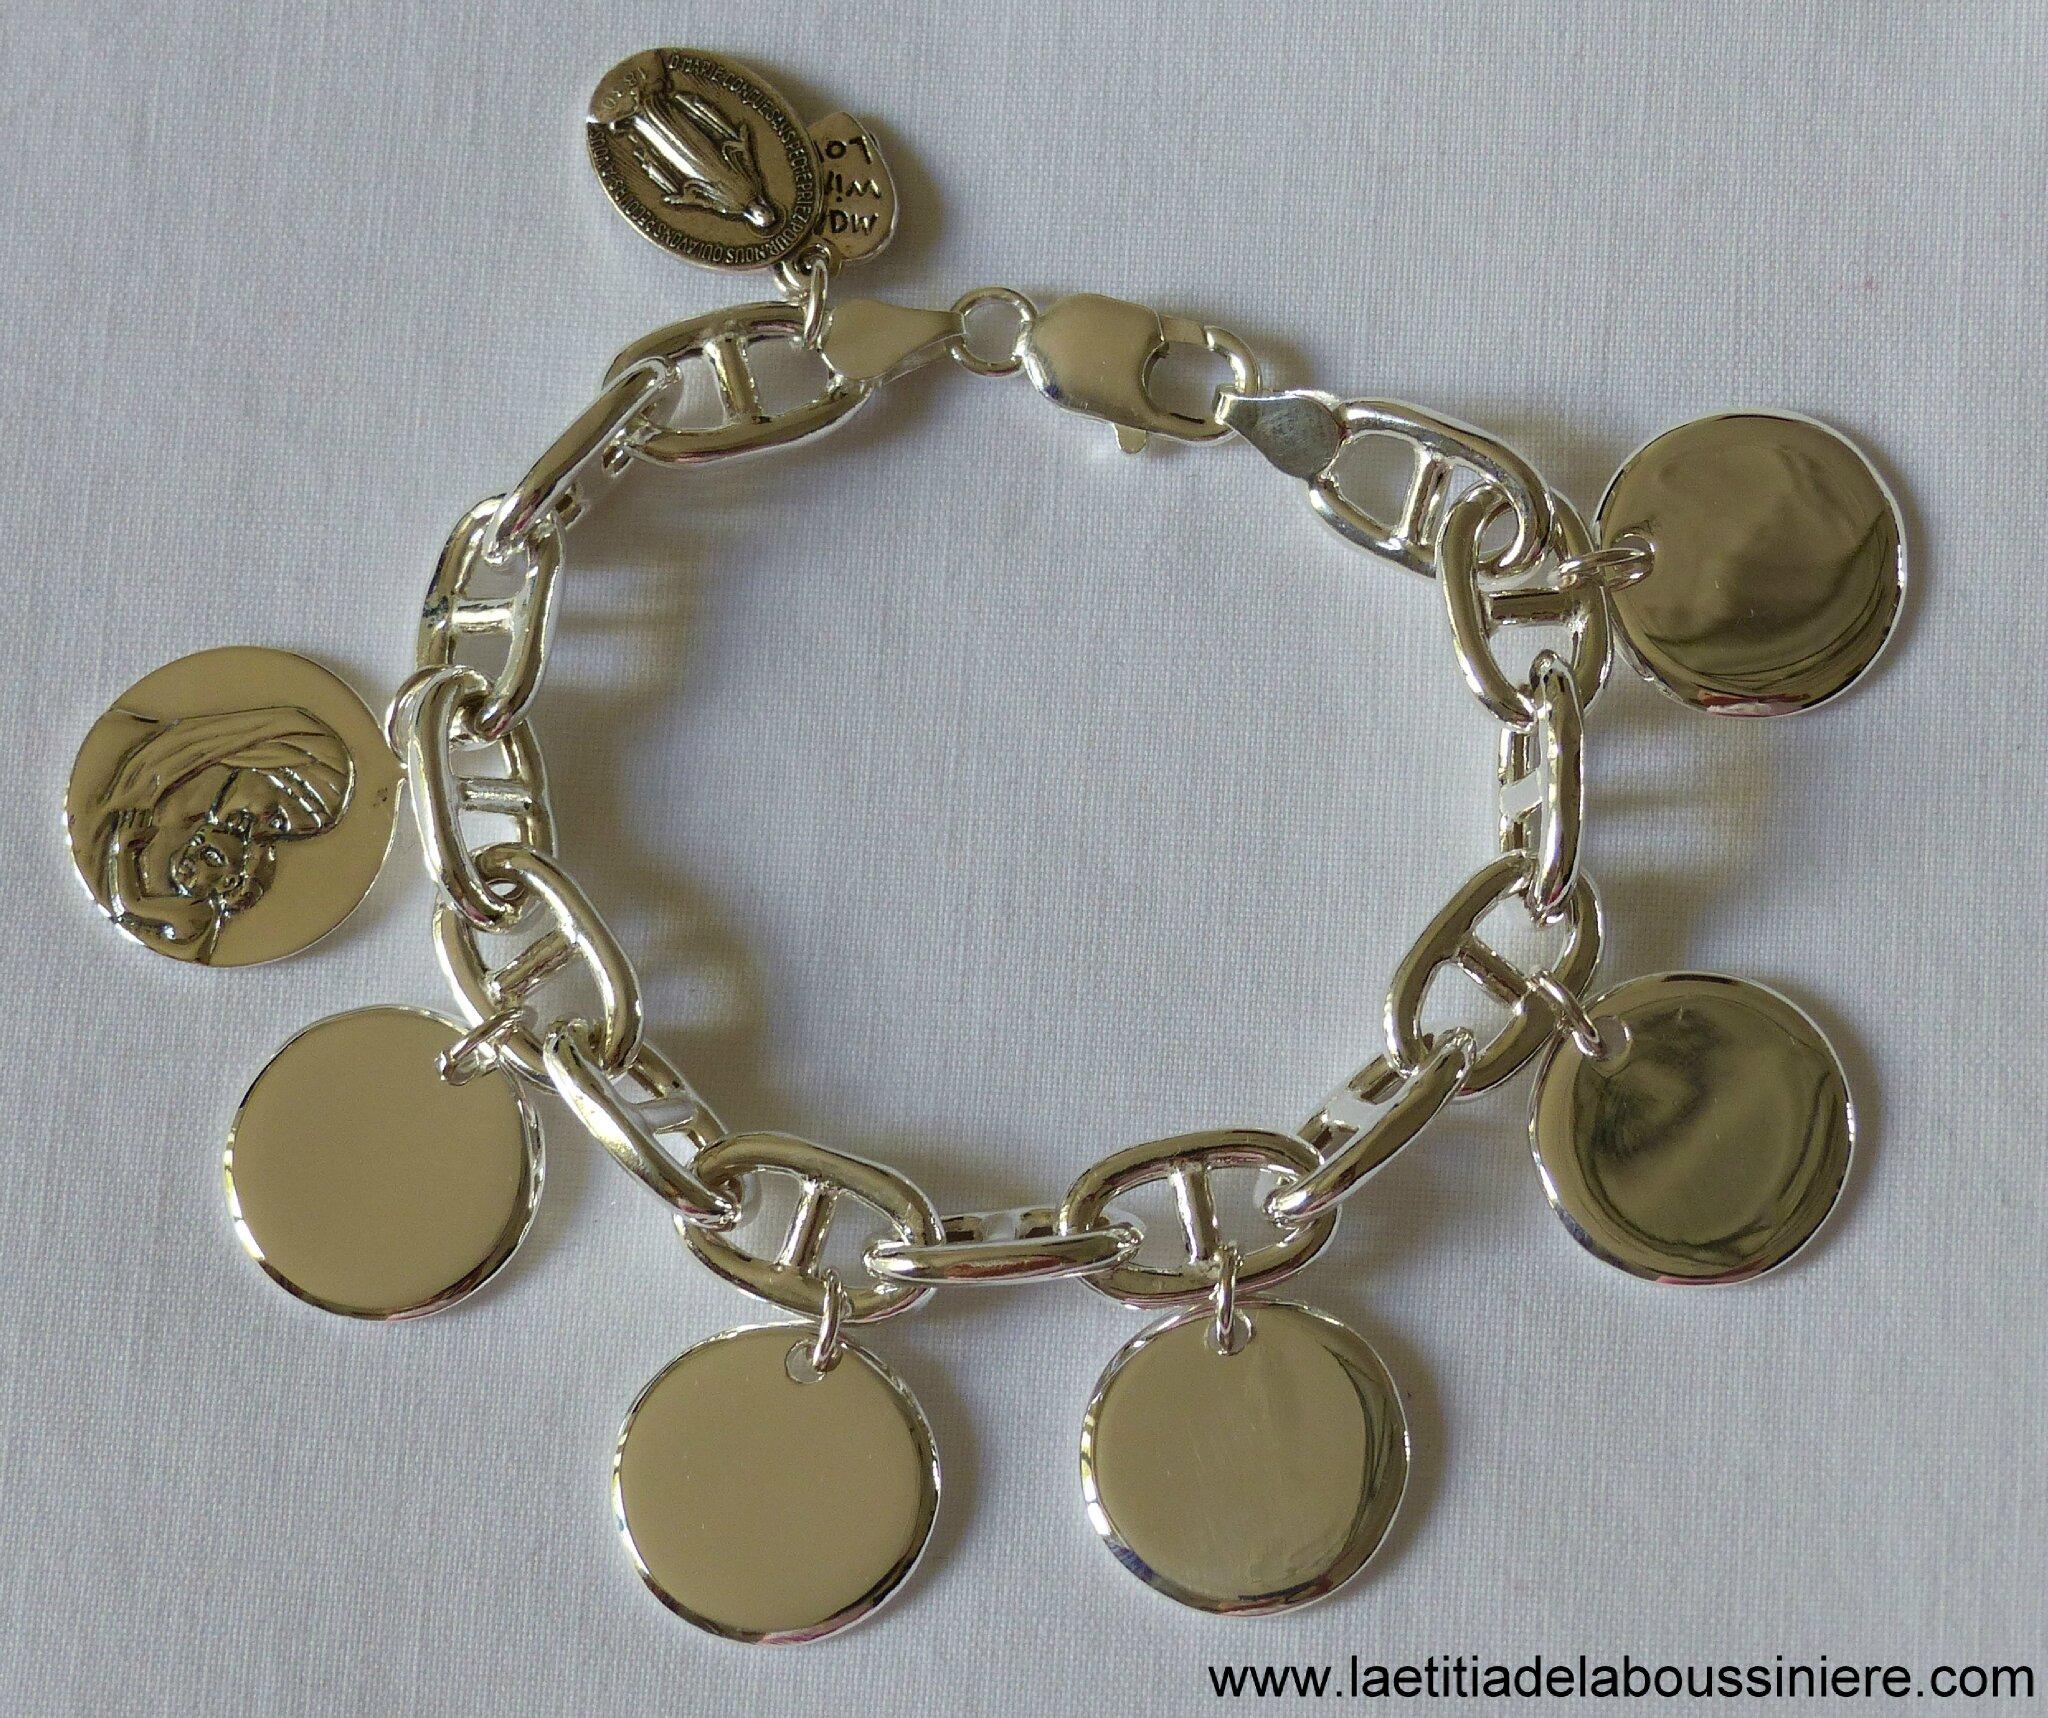 Bracelet sur chaîne en argent massif maille marine composé de 5 médailles en argent massif et une médaille de Vierge à l'Enfant en argent massif